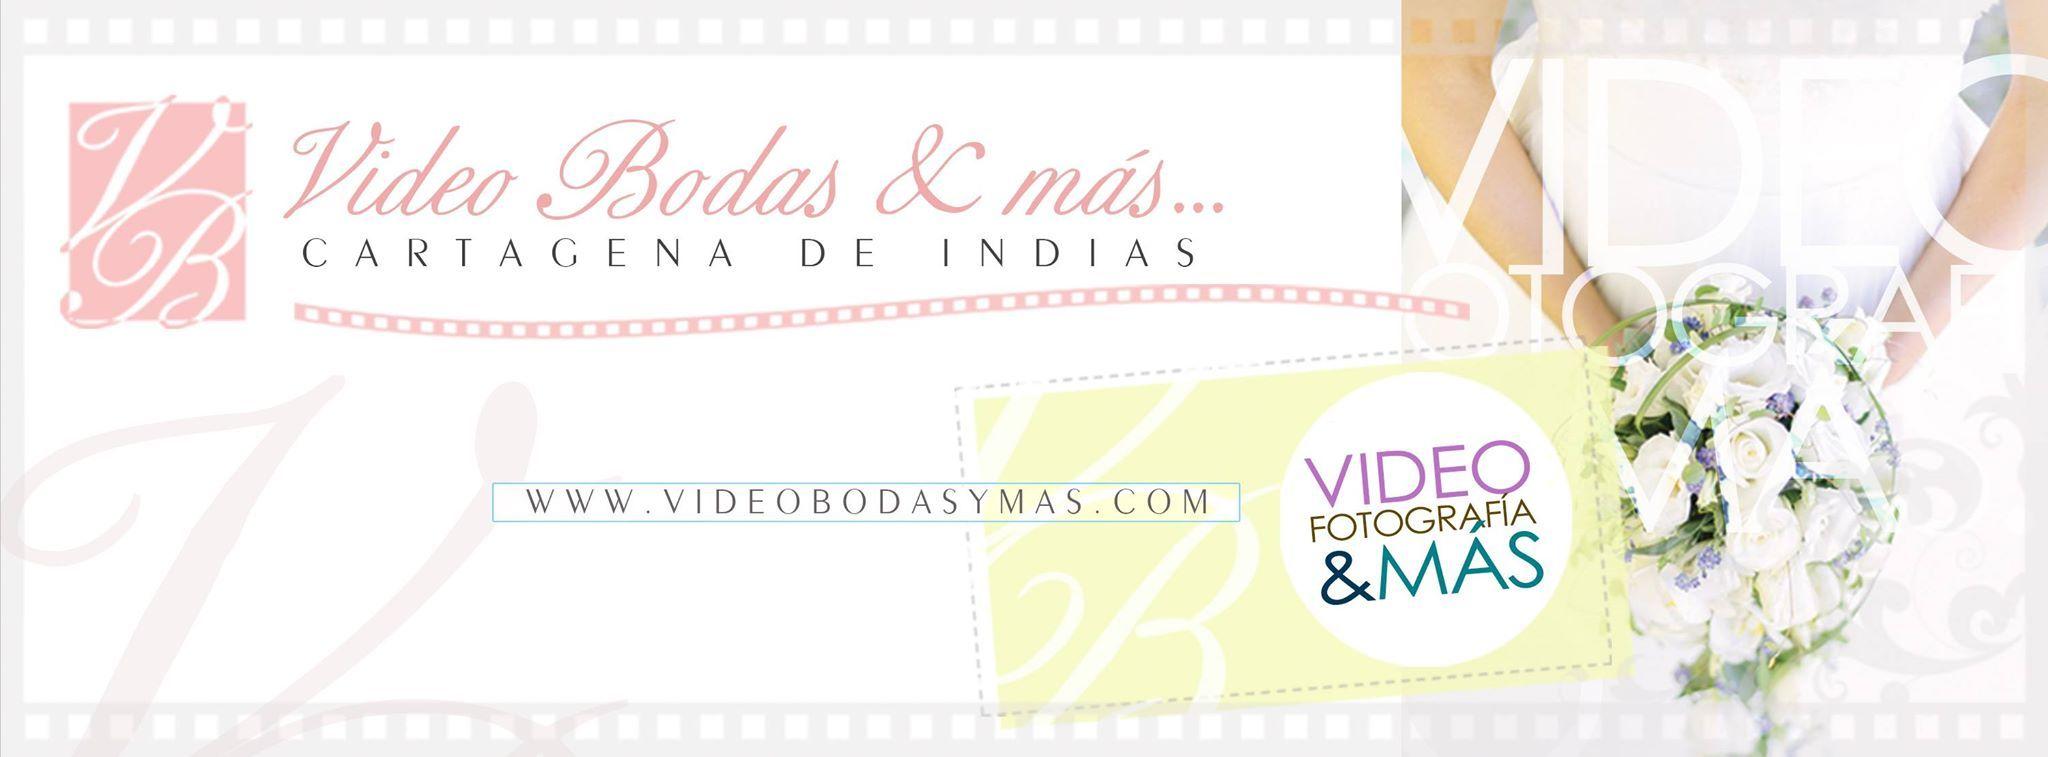 Ofrecemos servicios de fotografía y vídeos profesionales.